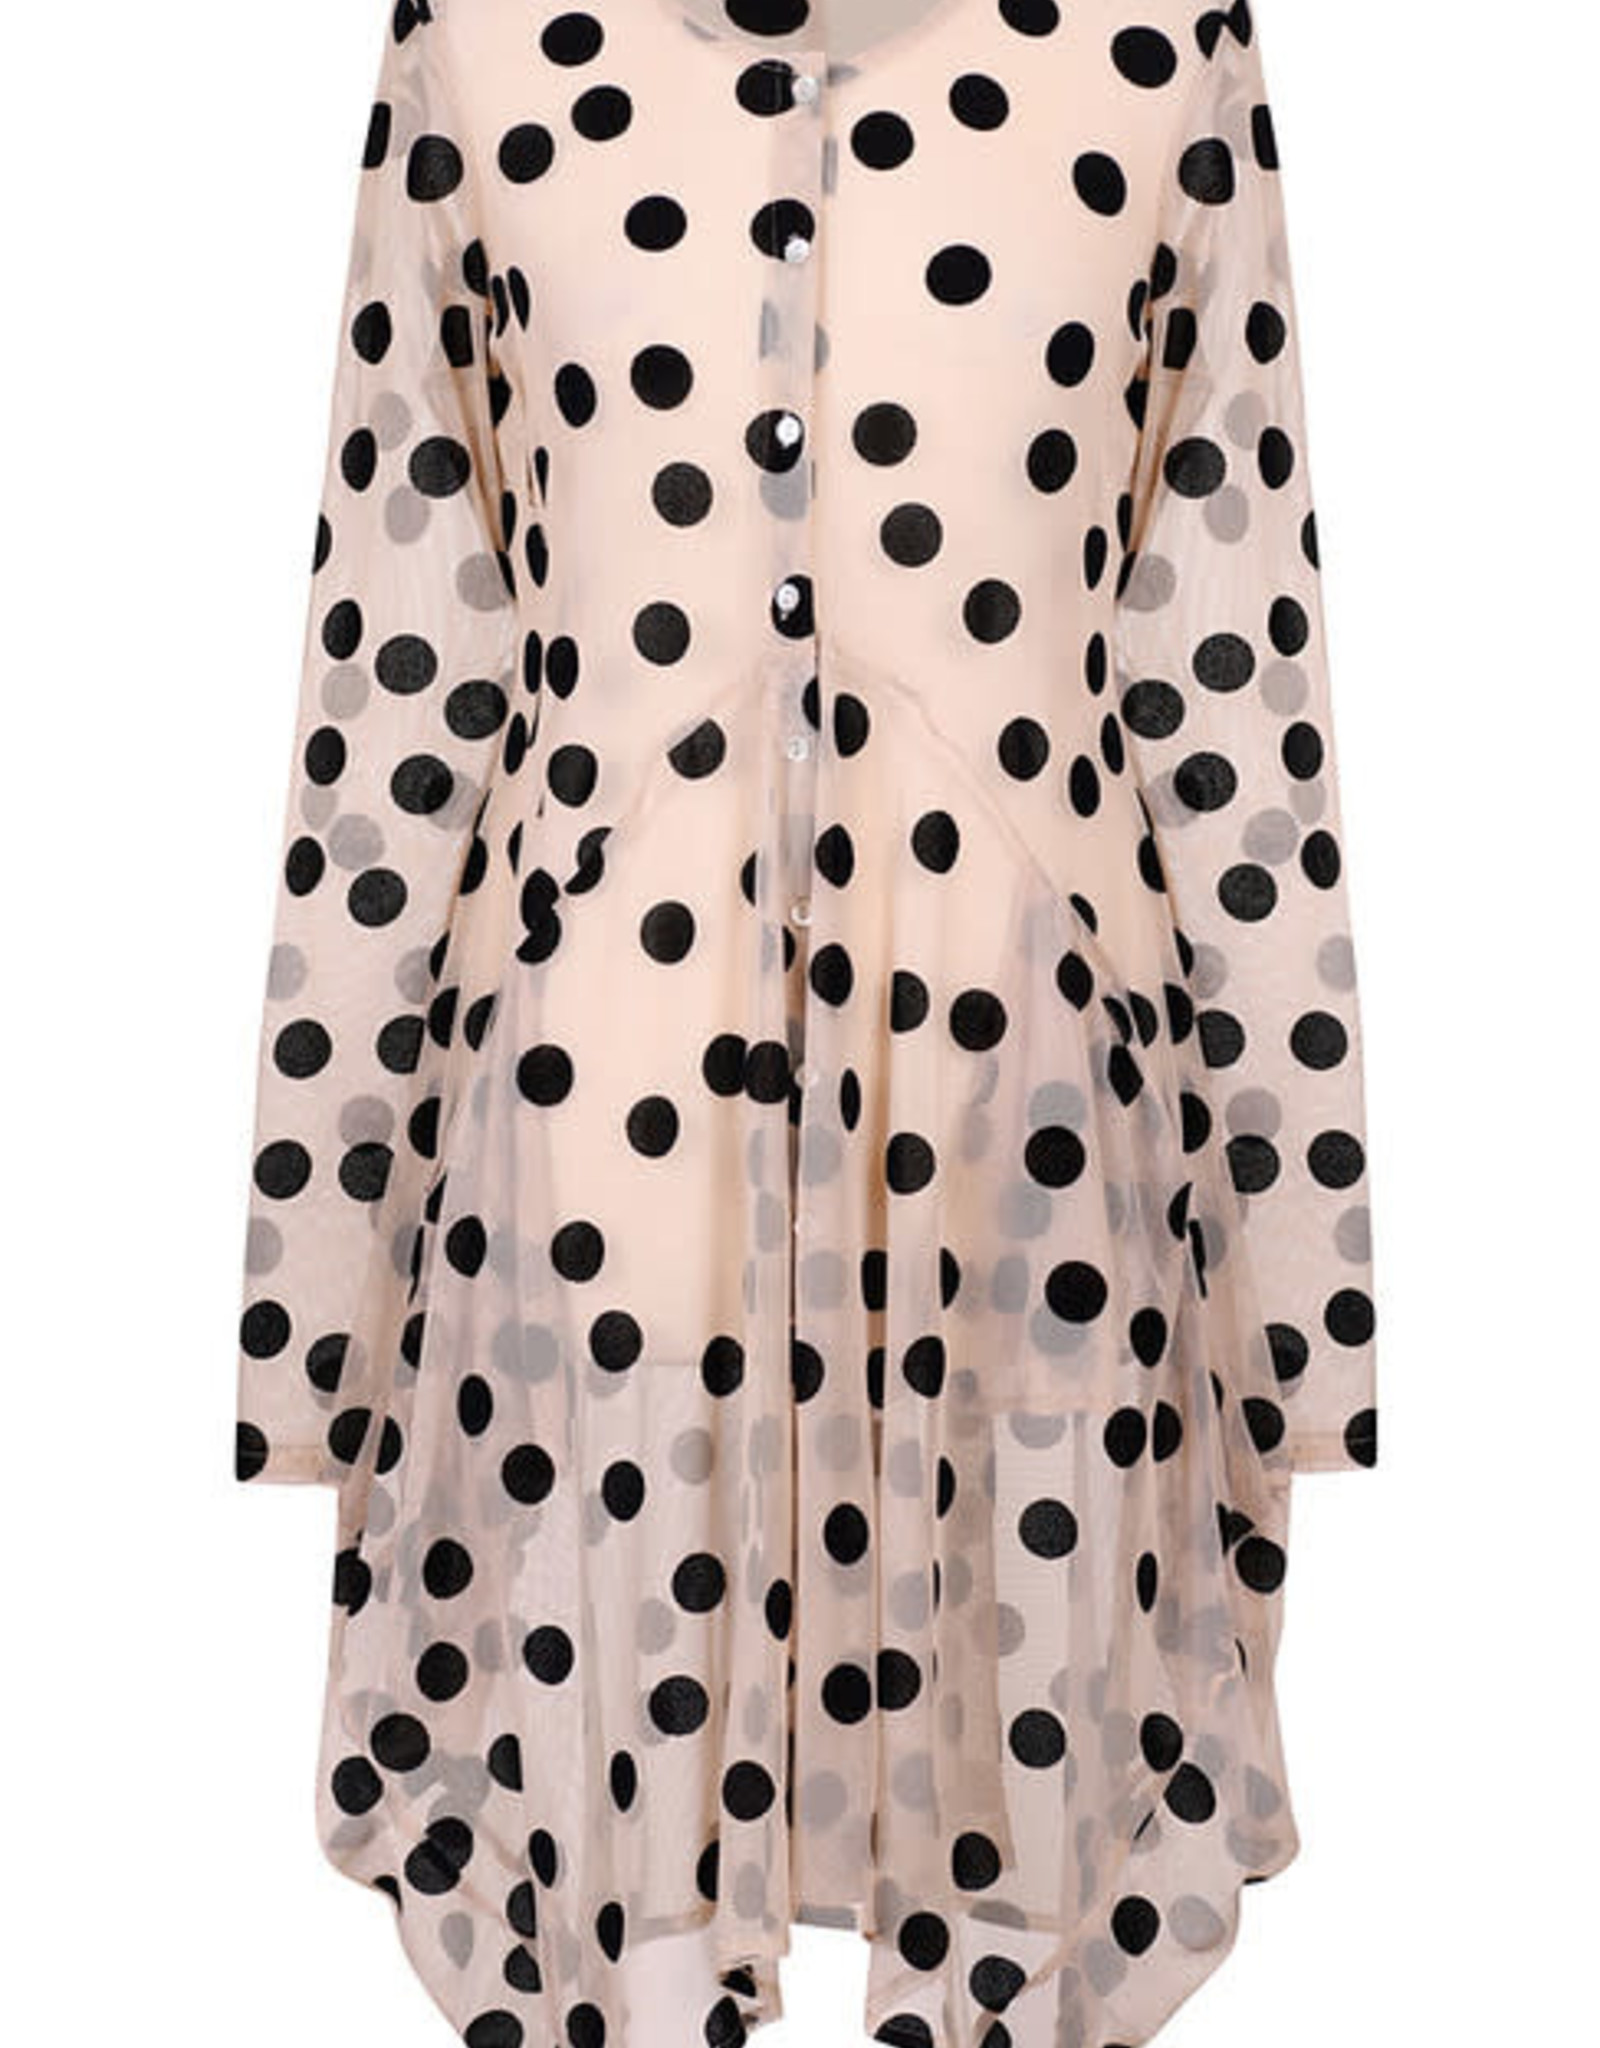 ALEMBIKA - Dotted Dress